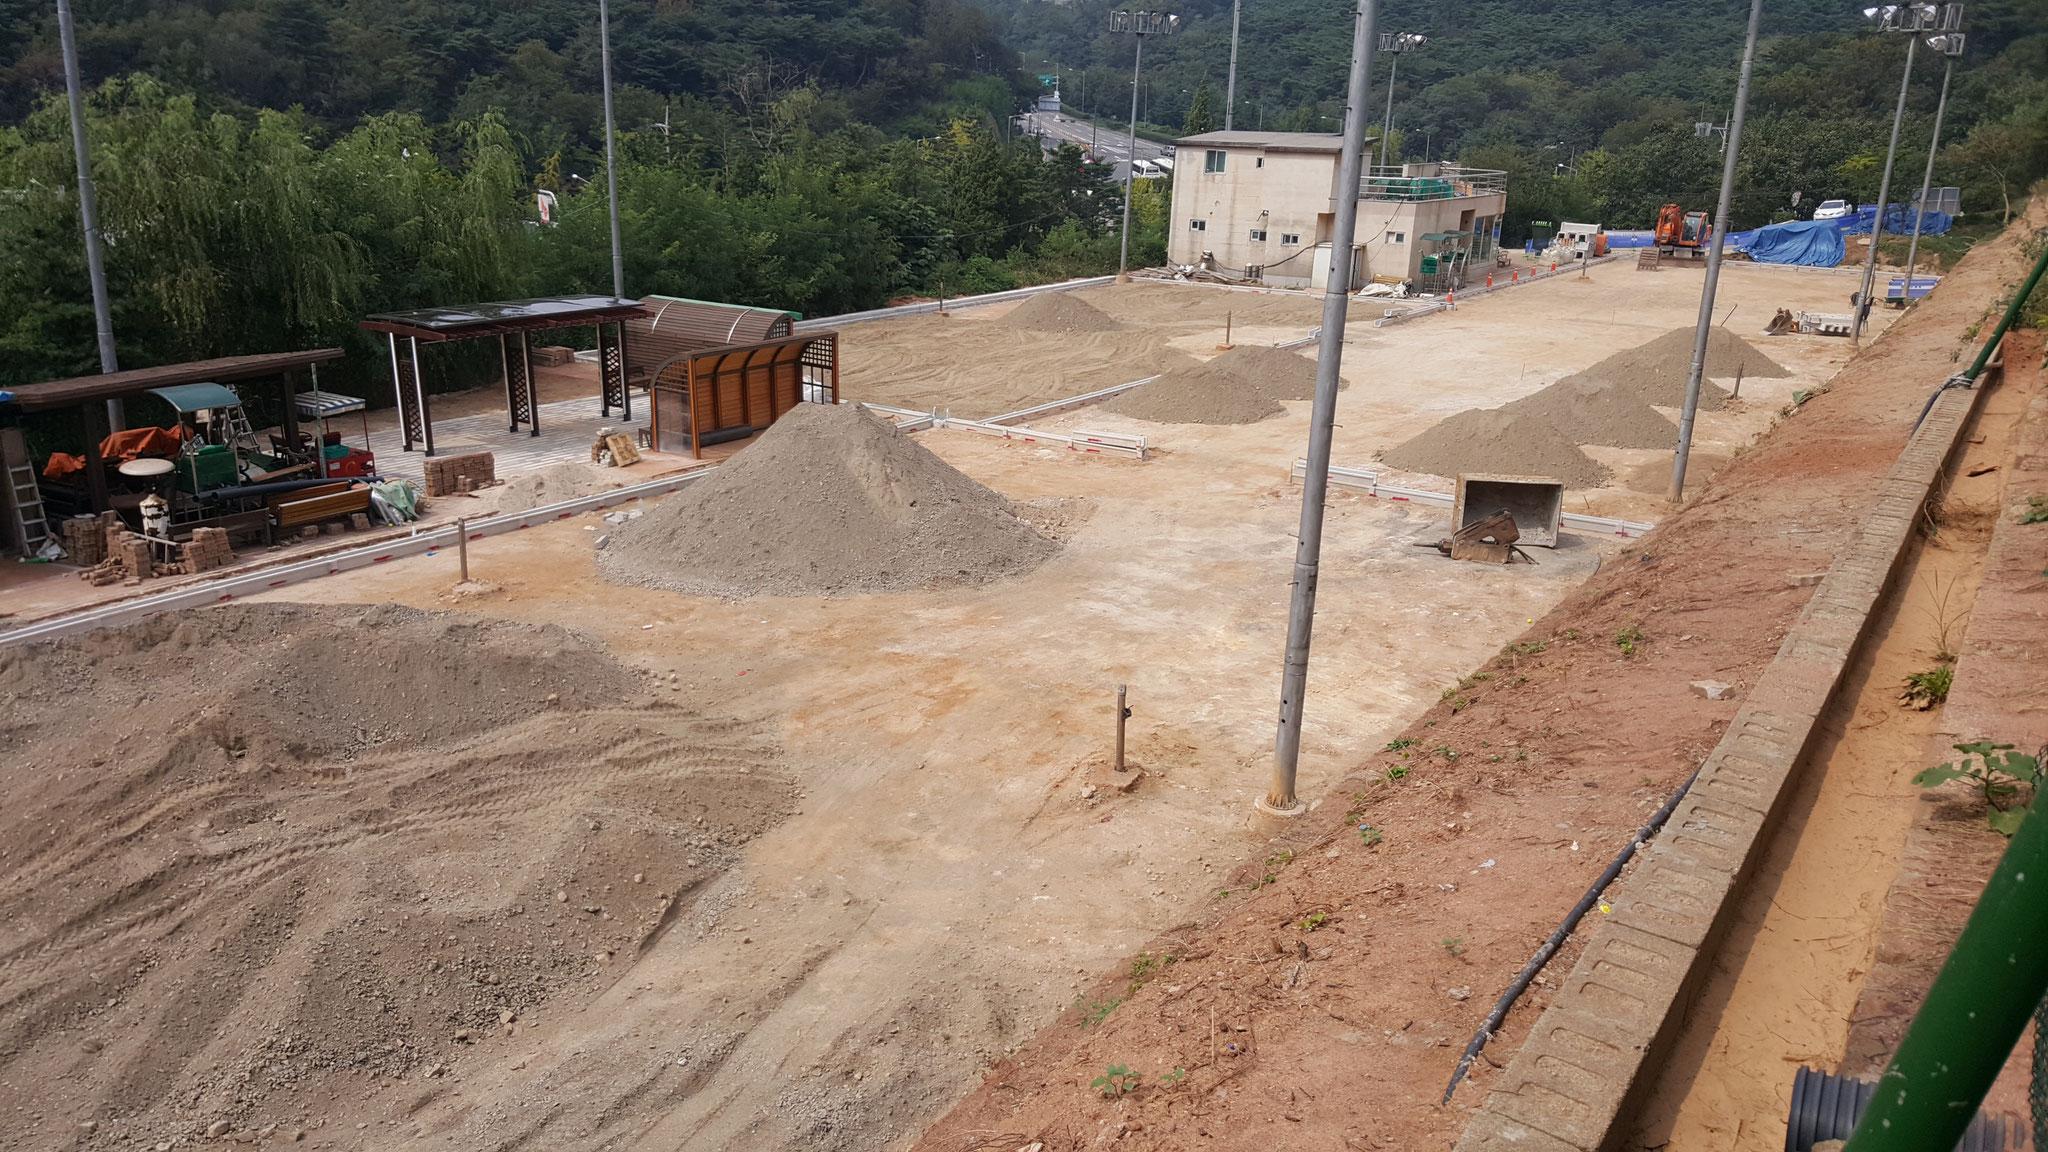 2016年8月中旬からの漢南テニスコート(7~10番コート)のオムニ化工事(9月中旬): 砂利敷き